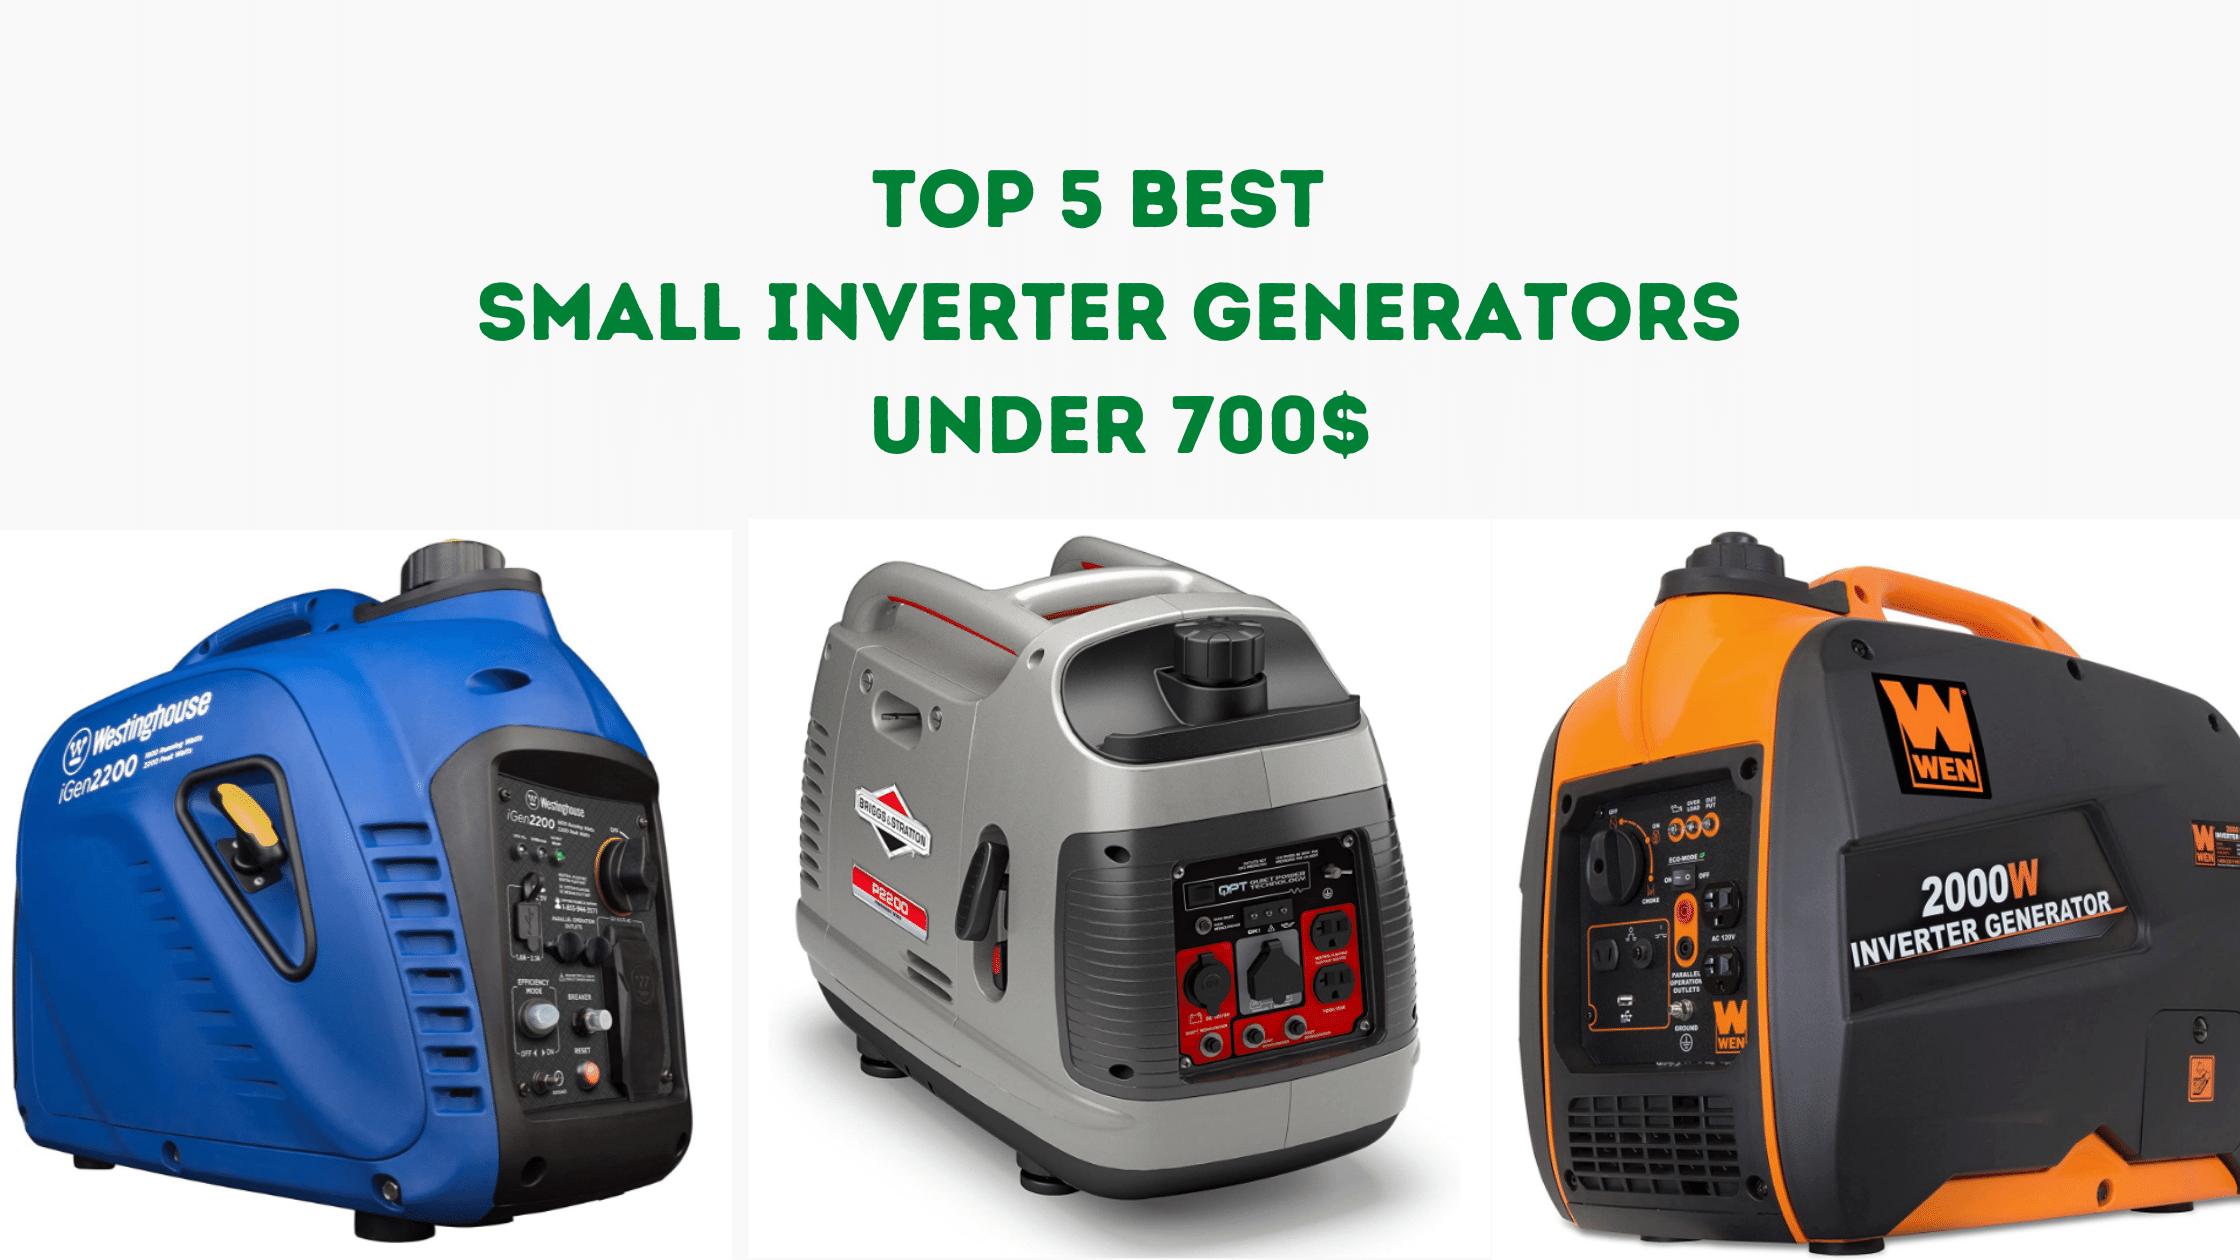 Top 5 BestSmall Inverter Generators under 700$